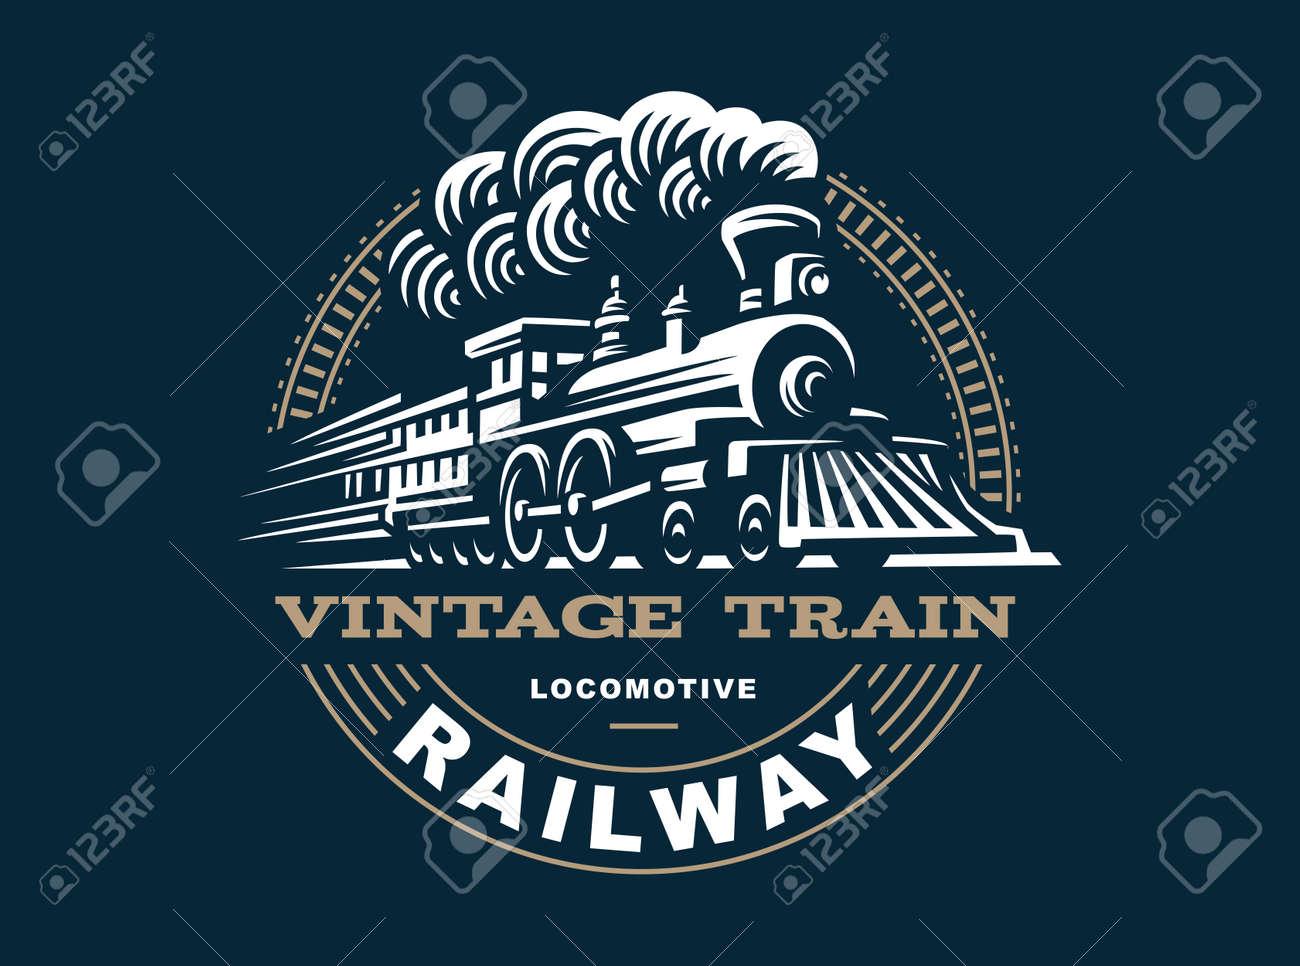 Locomotive illustration, vintage style emblem design - 64134485